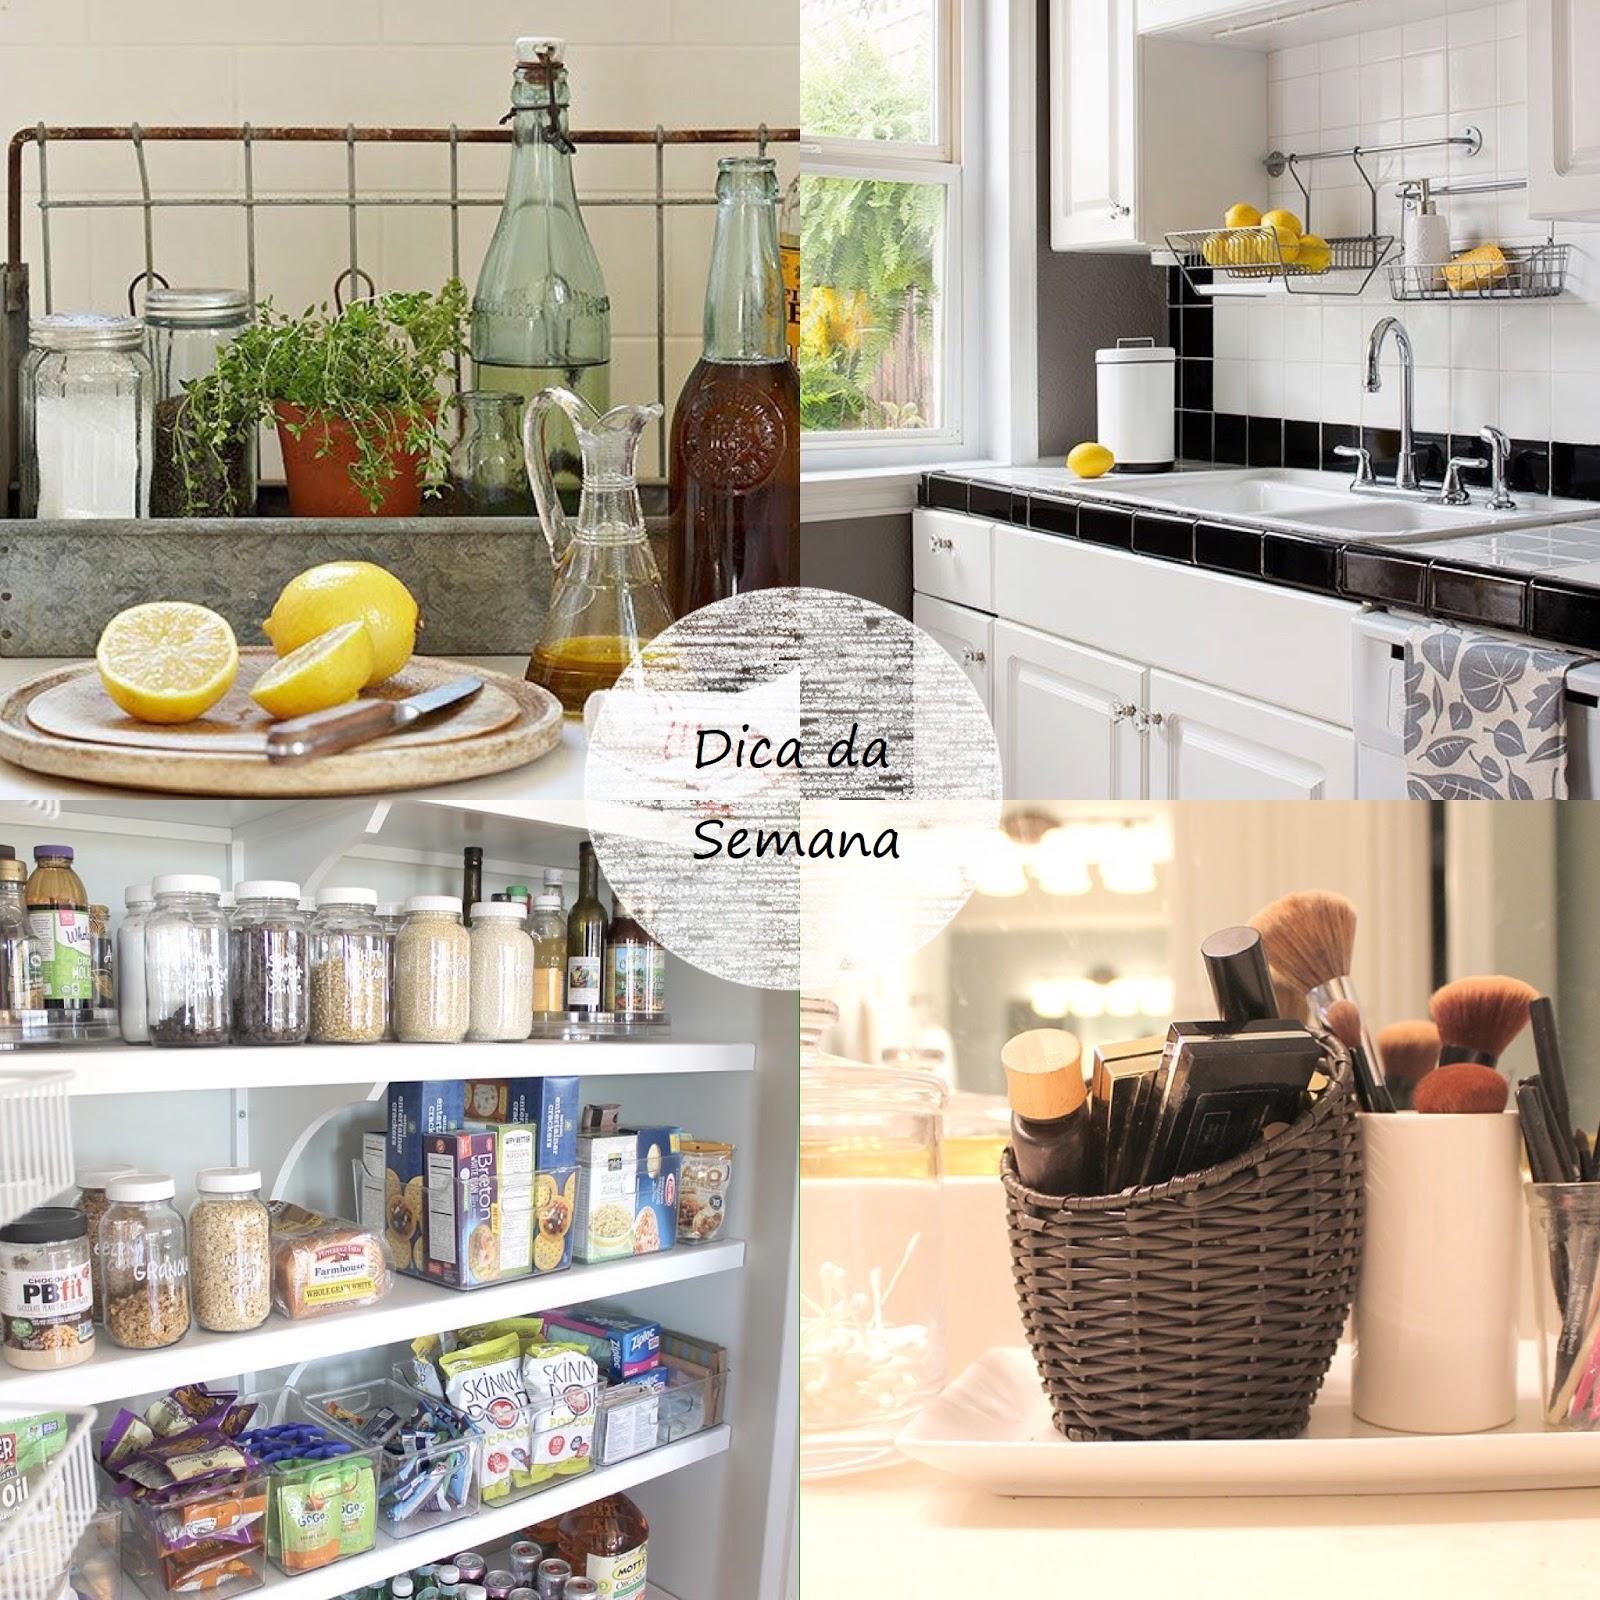 Dicas De Limpeza Na Cozinha Resimden Com